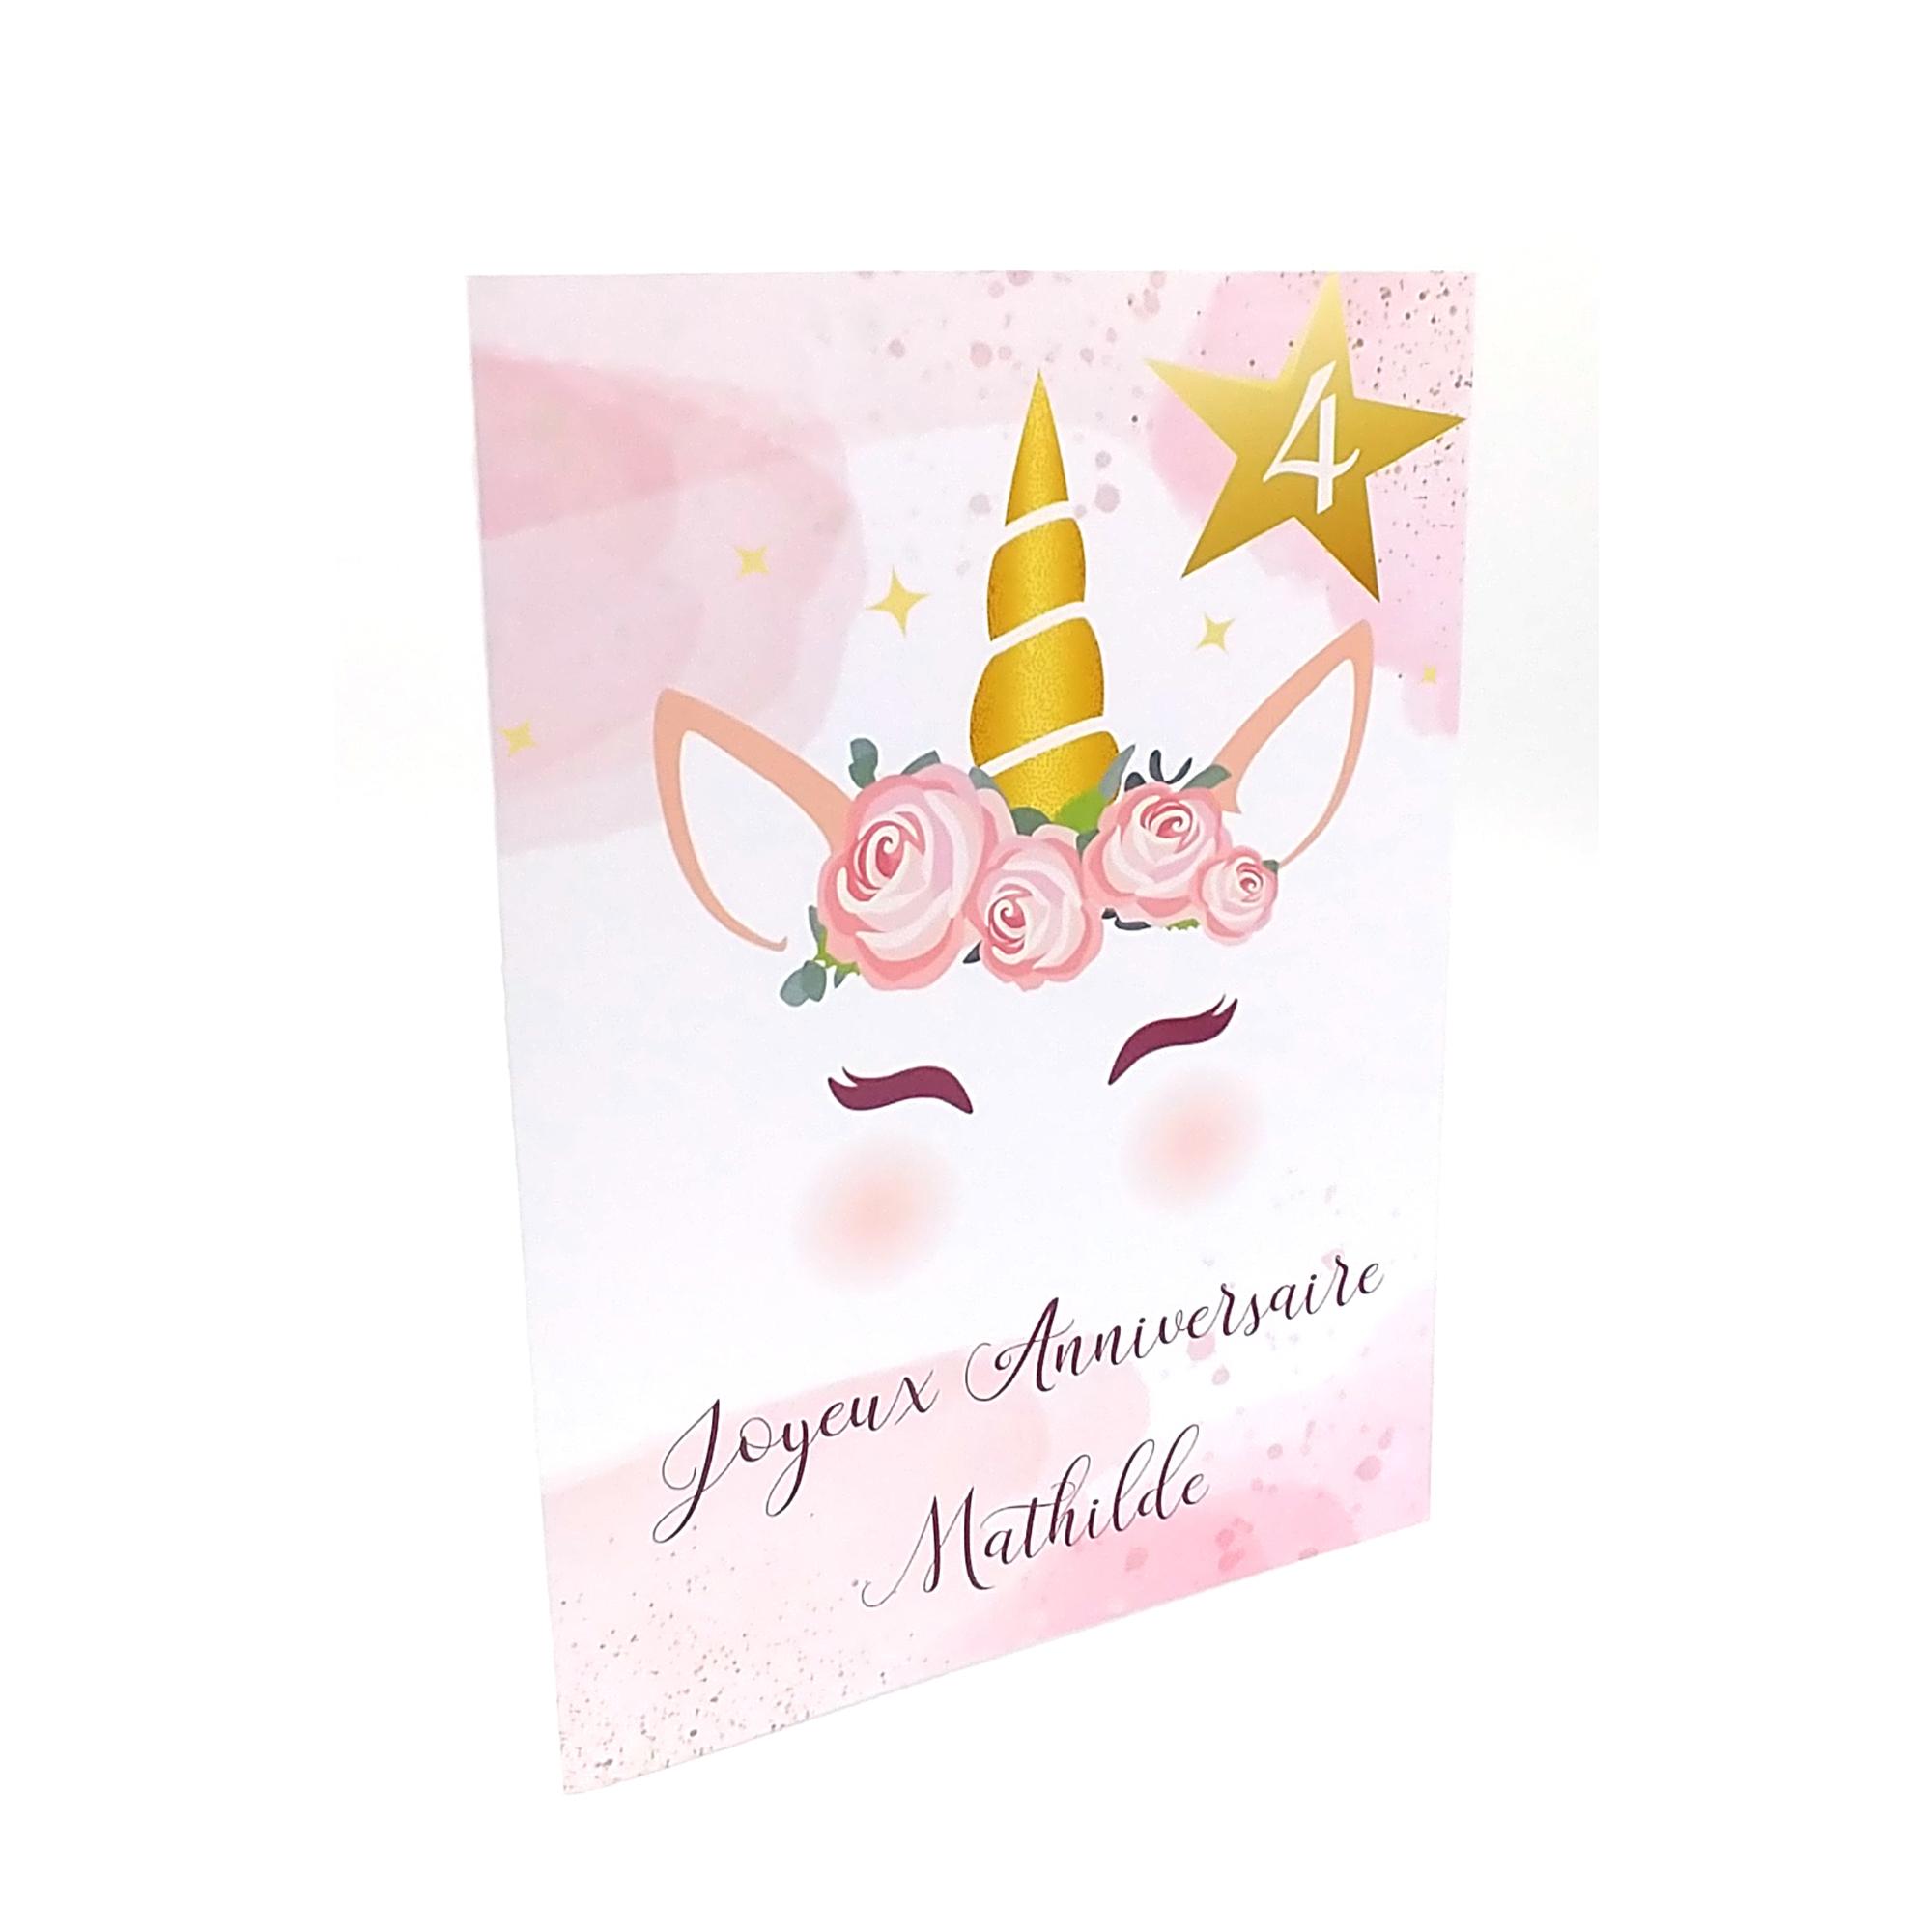 Carte Anniversaire Licorne Fille A Personnaliser Prenom Et Age Papier Finition Glace Brillant Avec Enveloppe Offerte Enfants Anniversaires Par Mimicarte